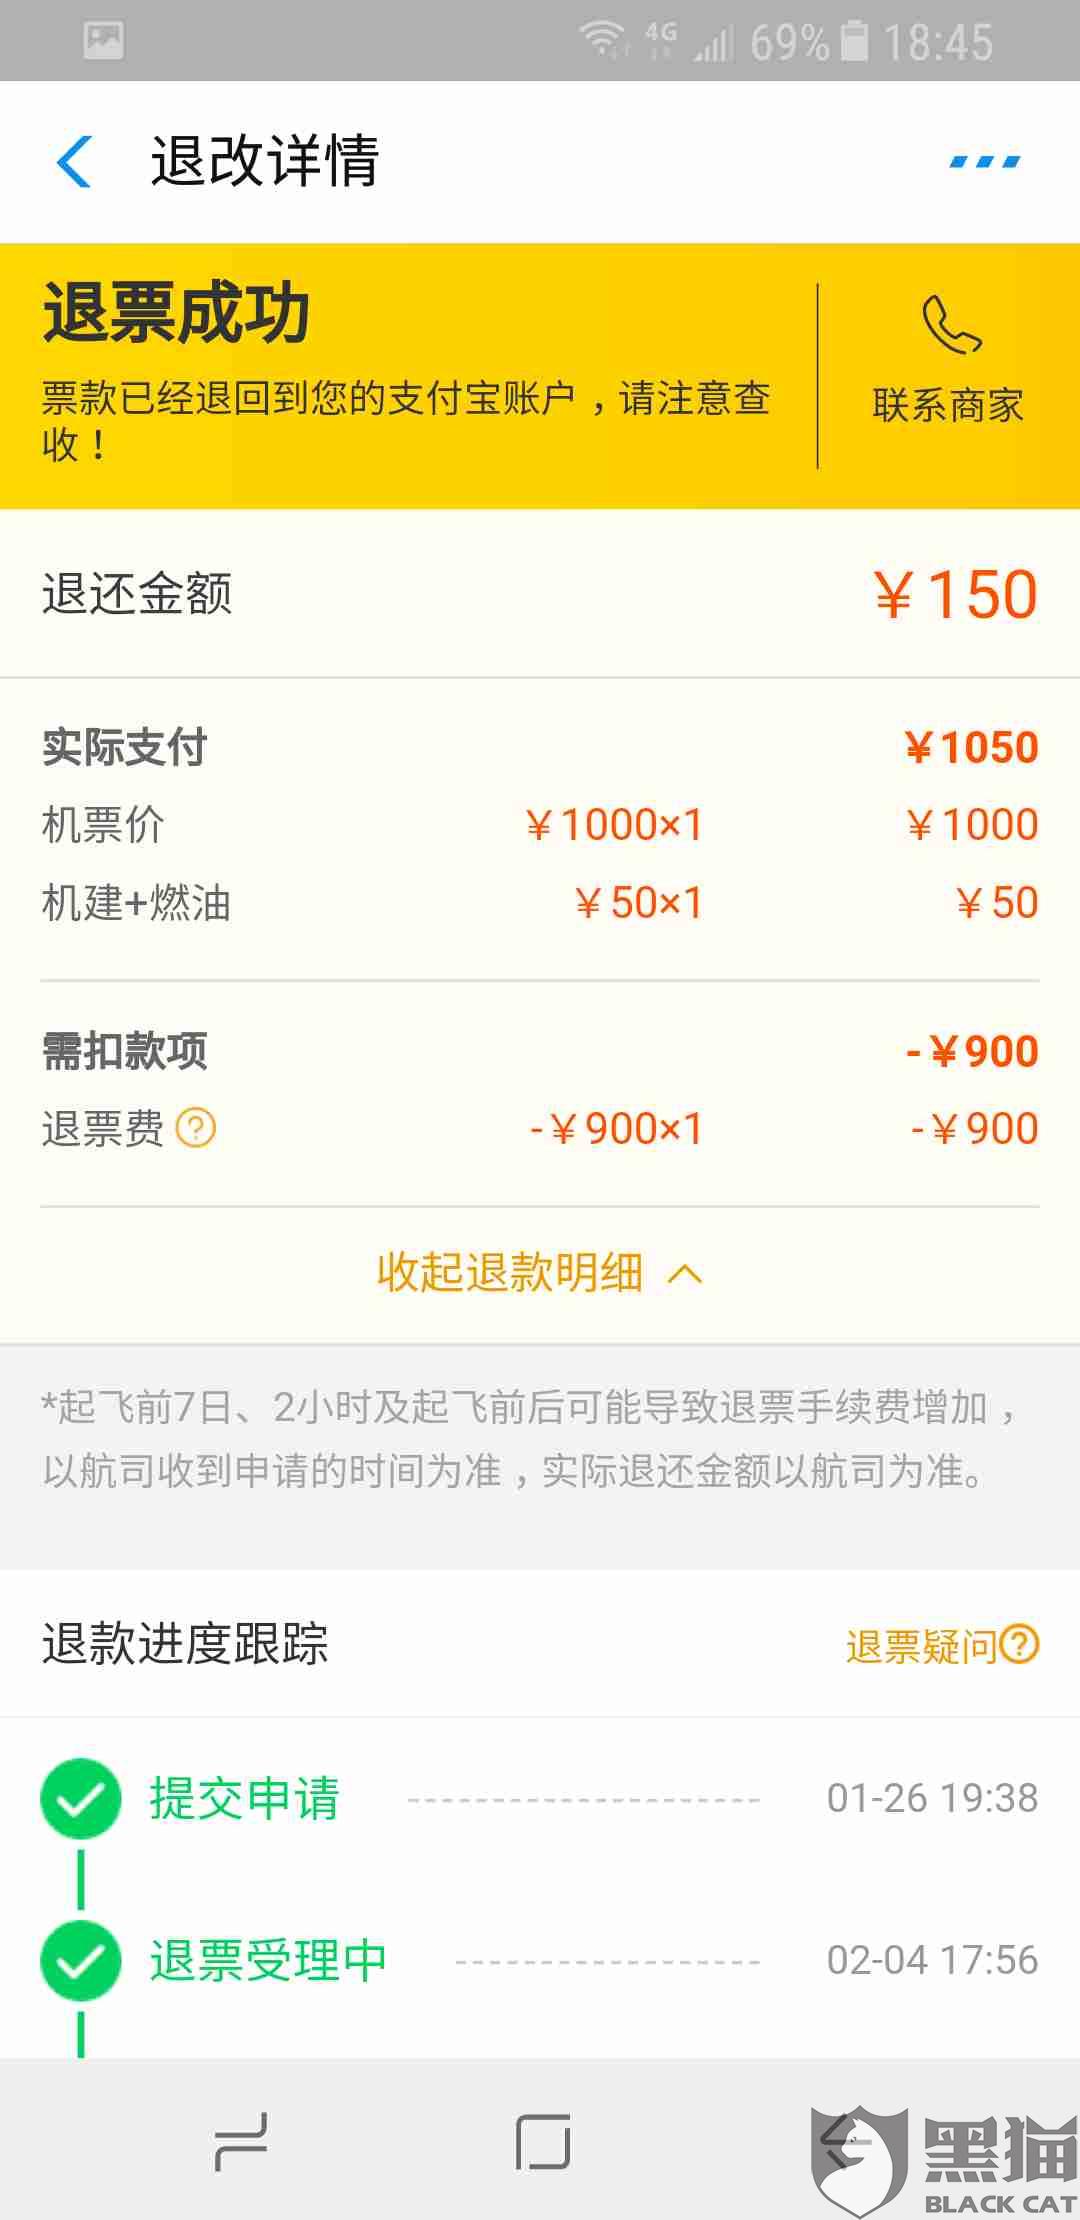 黑猫投诉:疫情期间规定免收手续费但还是收了飞猪订的中国国航的票符合退票规定按操作流程办的